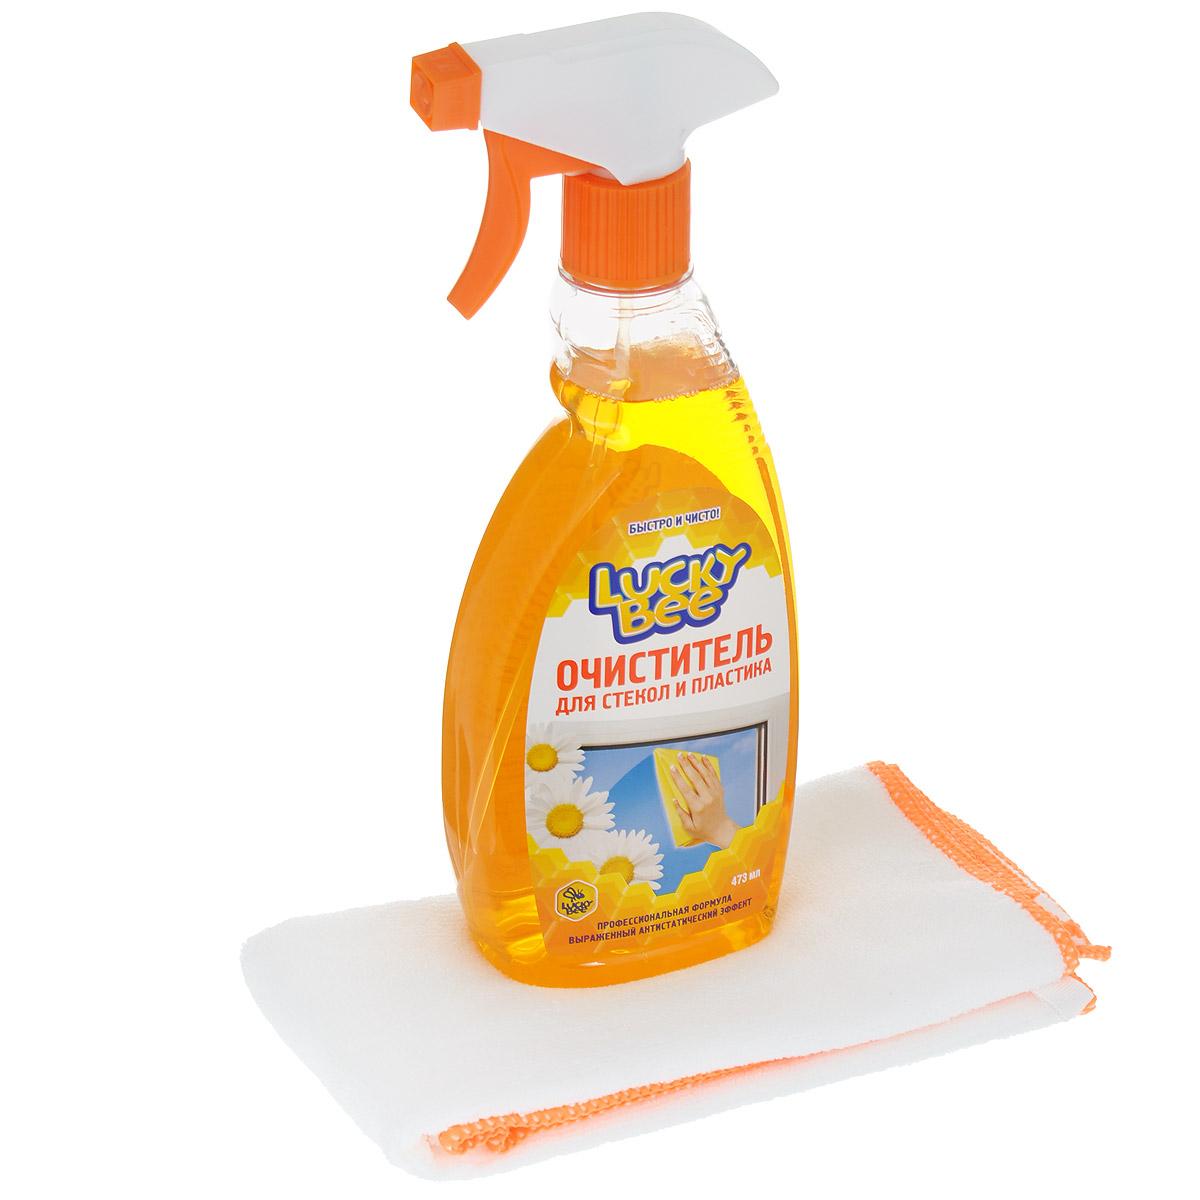 Очиститель Lucky Bee для стекол и пластика, 473 мл + салфетка из микрофибры для уборки Lucky Bee, цвет: белый, 40 х 40 смLB7505Очиститель Lucky Bee быстро и эффективно очищает стеклянные и пластиковые поверхности от загрязнений, отпечатков пальцев, никотинового налета. Придает обработанной поверхности длительный антистатический эффект, обладает приятным свежим ароматом. В набор также входит салфетка из микрофибры Lucky Bee, которая деликатно удаляет загрязнения с любых поверхностей с использованием чистящих средств или без них. Она позволяет быстро собрать значительный объем влаги и высушить поверхность в считанные минуты, обладает антистатическими свойствами. Салфетка может использоваться для сухой и влажной уборки, в том числе с моющими средствами. Не оставляет разводов и ворсинок.Размер салфетки: 40 см х 40 см.Материал салфетки: микрофибра. Состав очистителя: деминерализованная вода, менее 30% изопропанол, менее 5% бутилцеллозольв, аммиак, ПАВ, антистатик, функциональные добавки, составляющие ноу-хау компании, краситель, отдушка. Товар сертифицирован.